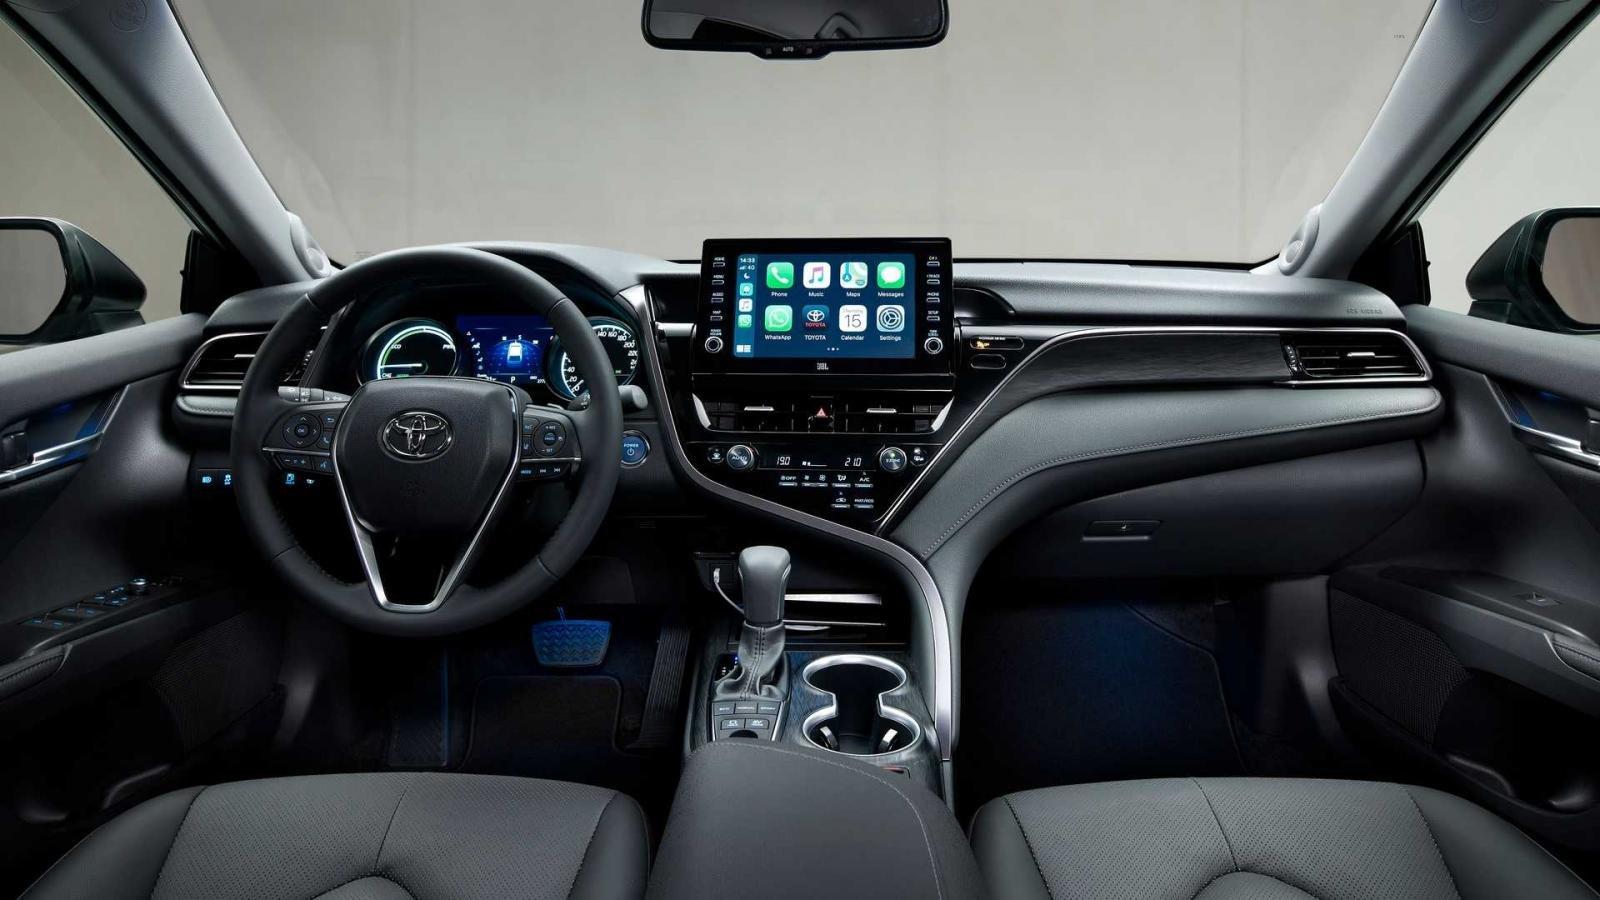 Toyota Camry 2021 nâng cấp mới bắt mắt và tiện dùng hơn.